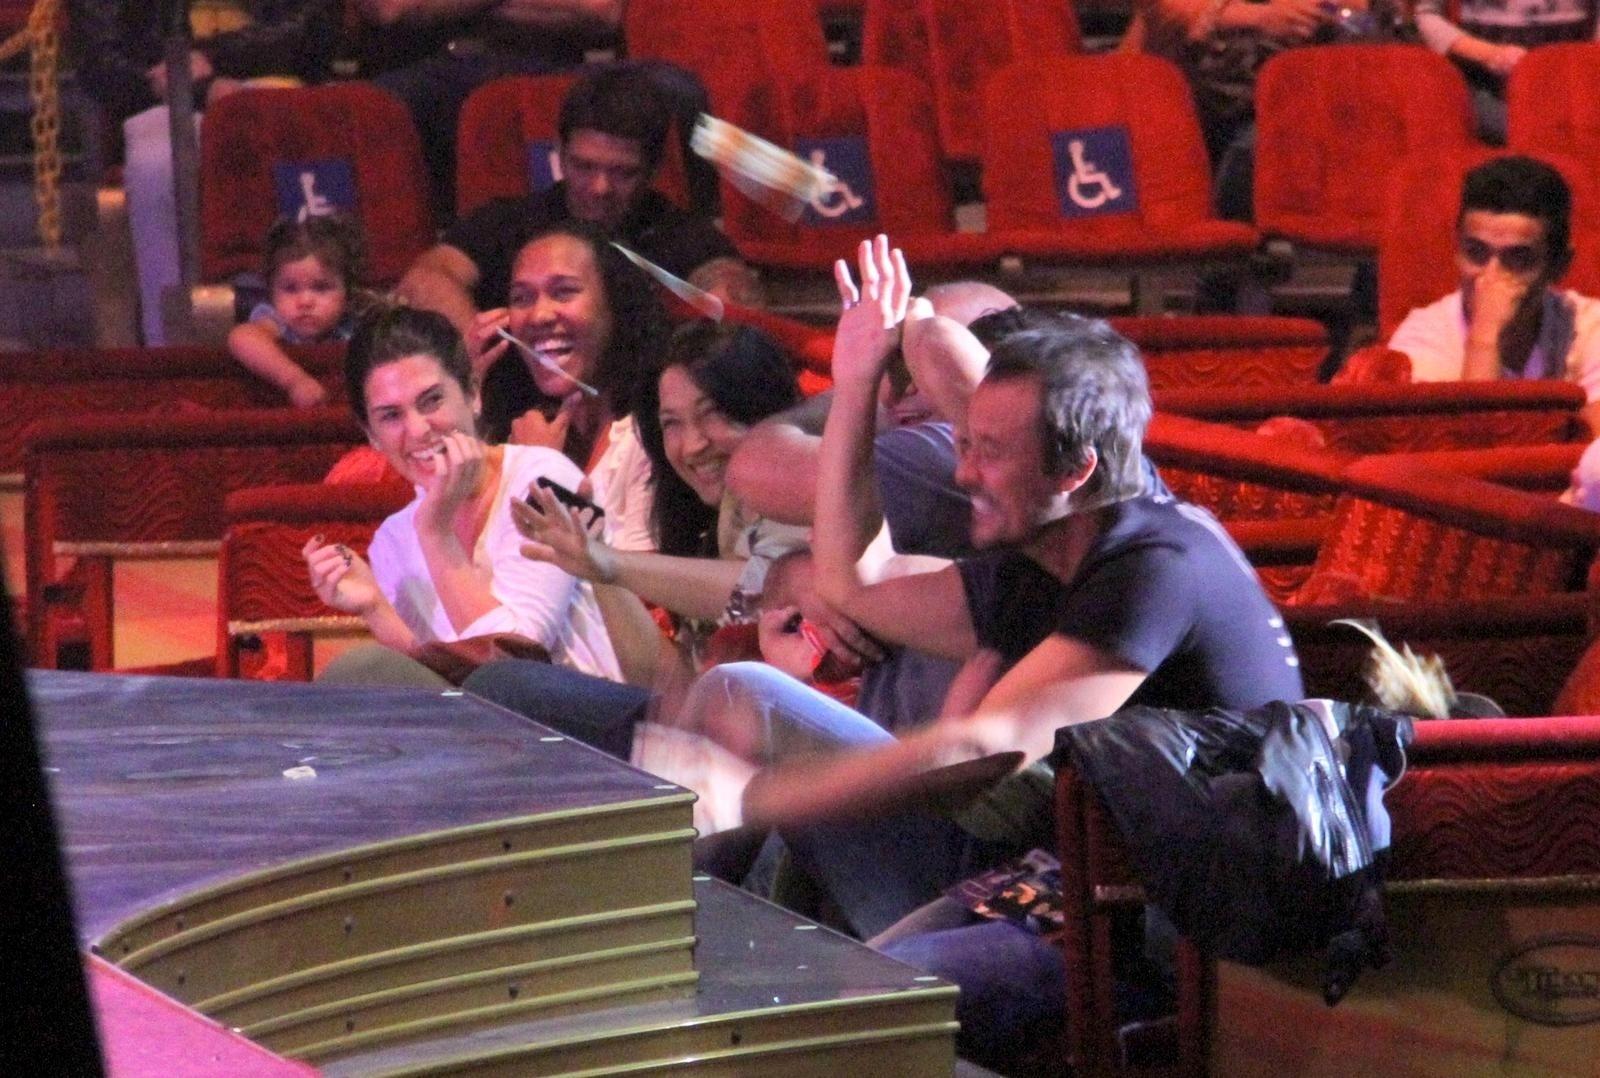 19.set.2013 - Fernanda Paes Leme, Paulinho Vilhena e amigos se divertem durante apresentação do circo Tihany, na Barra da Tijuca, no Rio